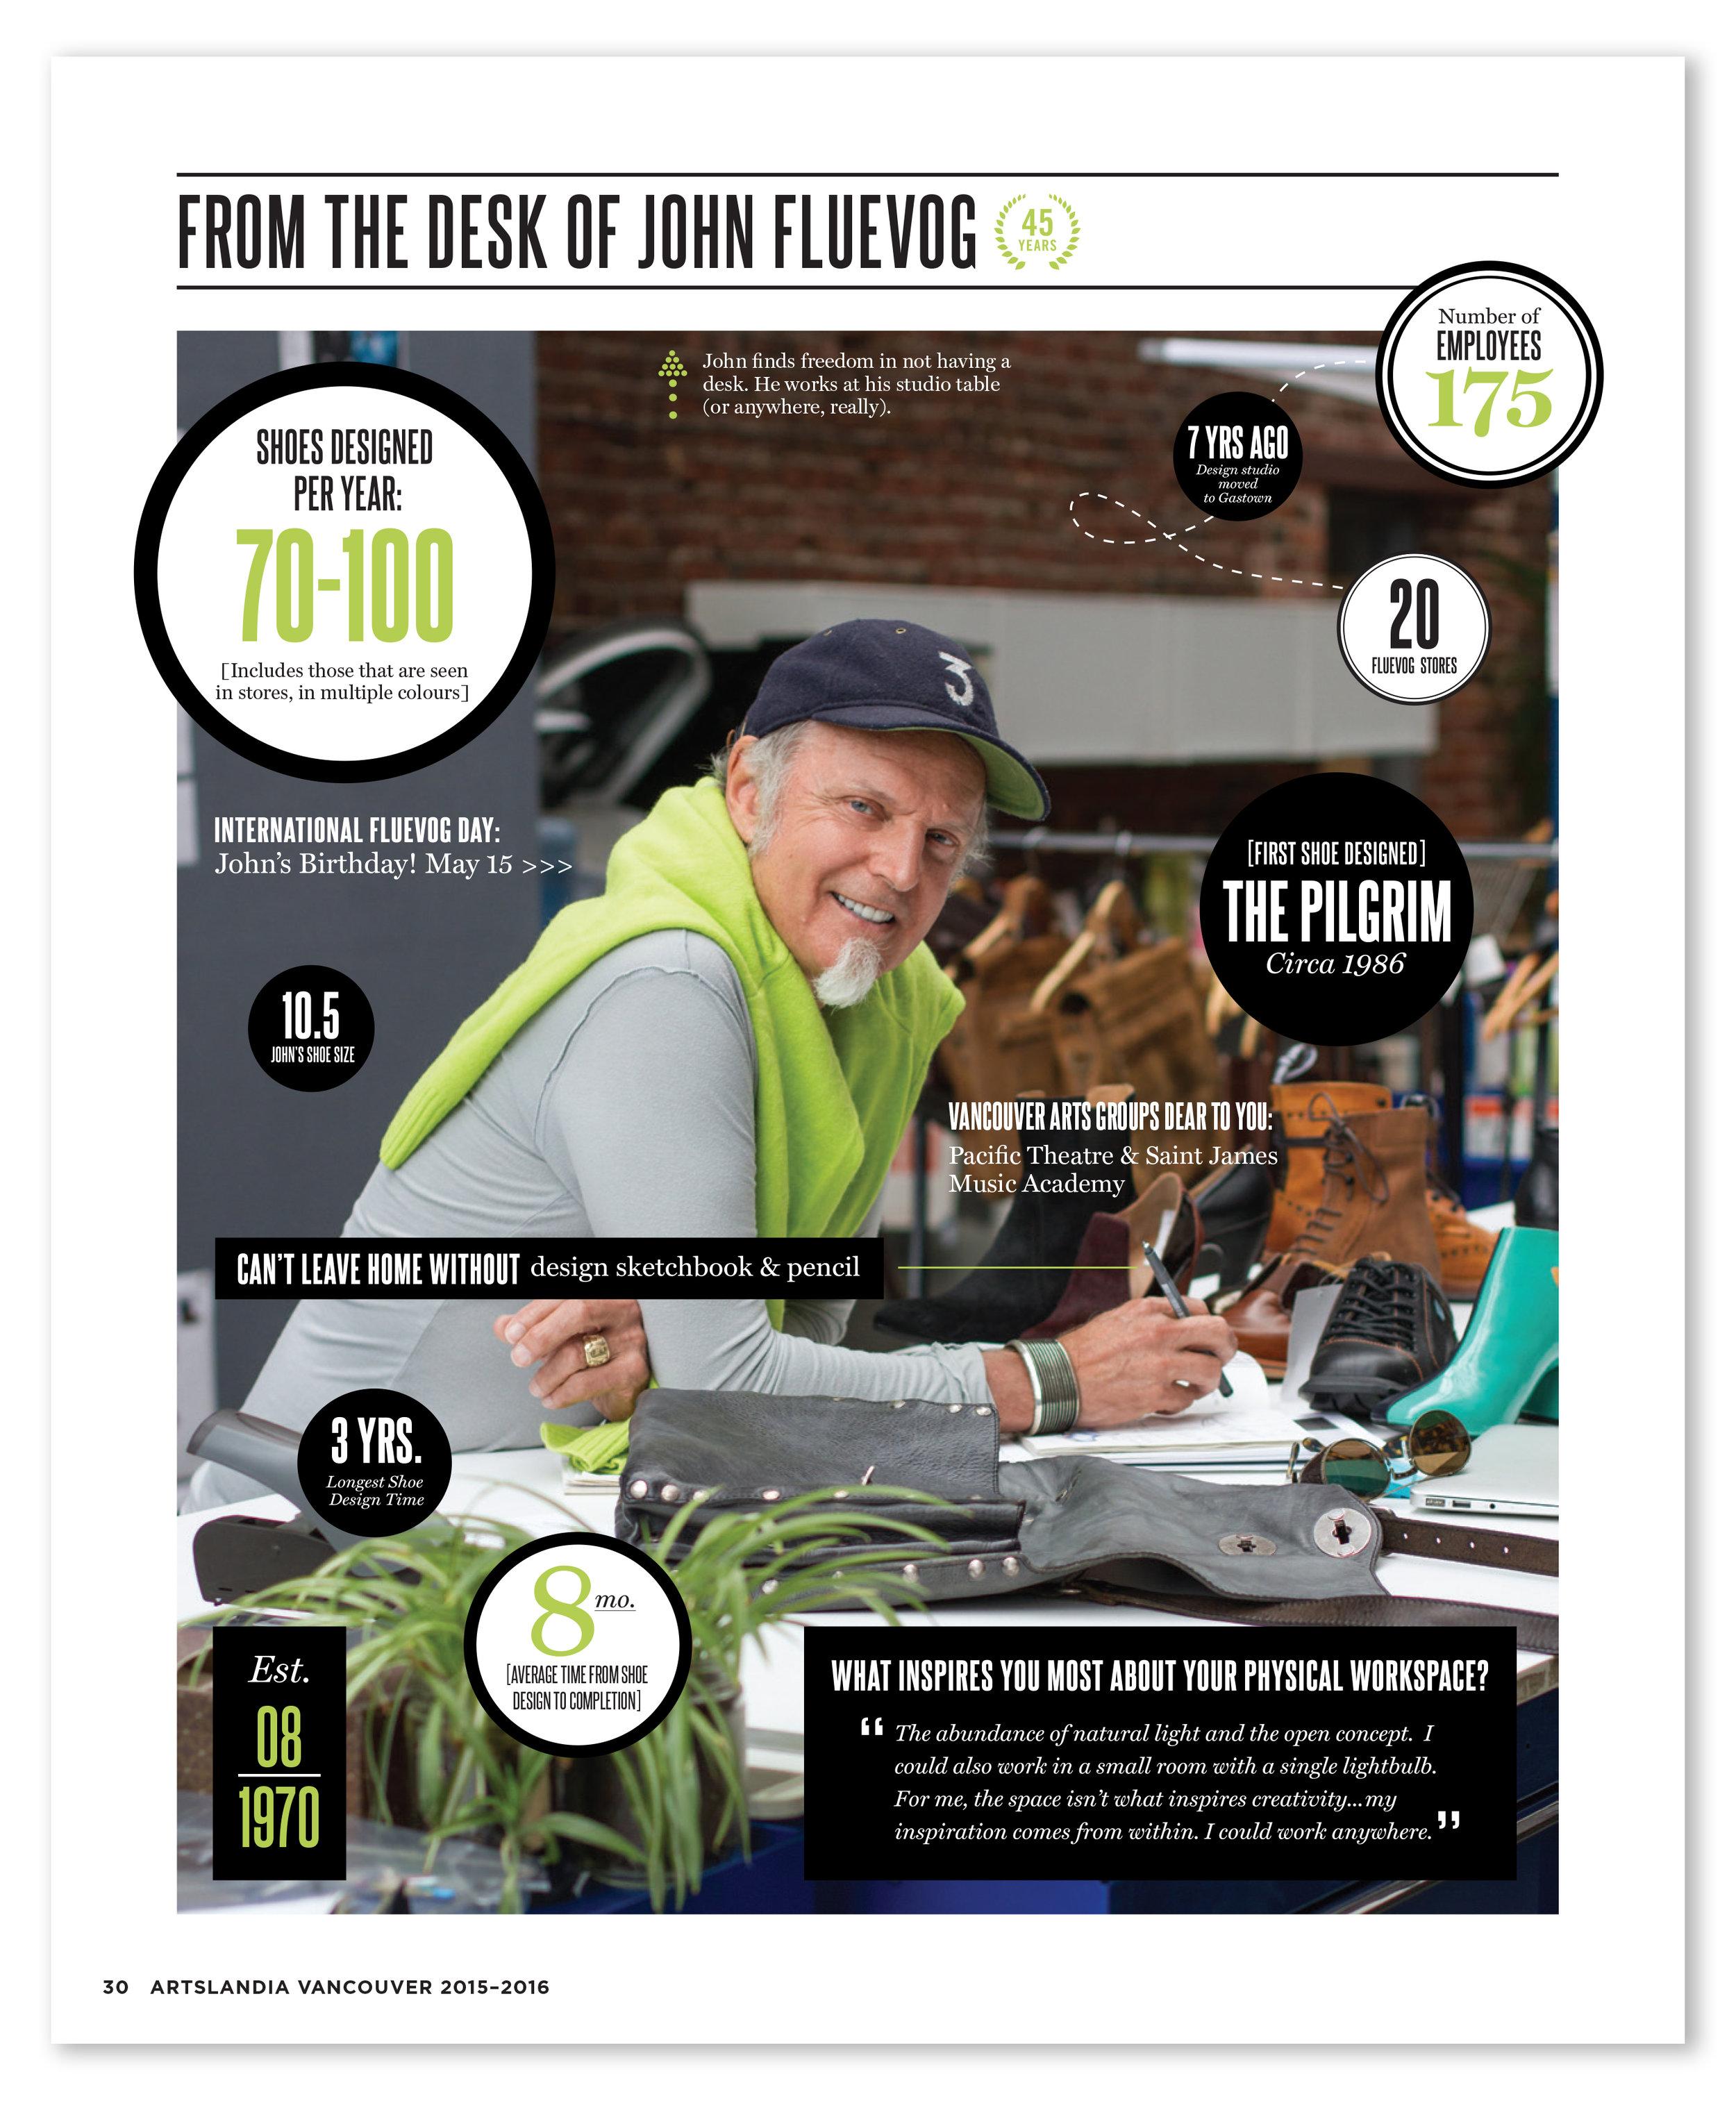 FROM the desk of shoe designer john fluevog